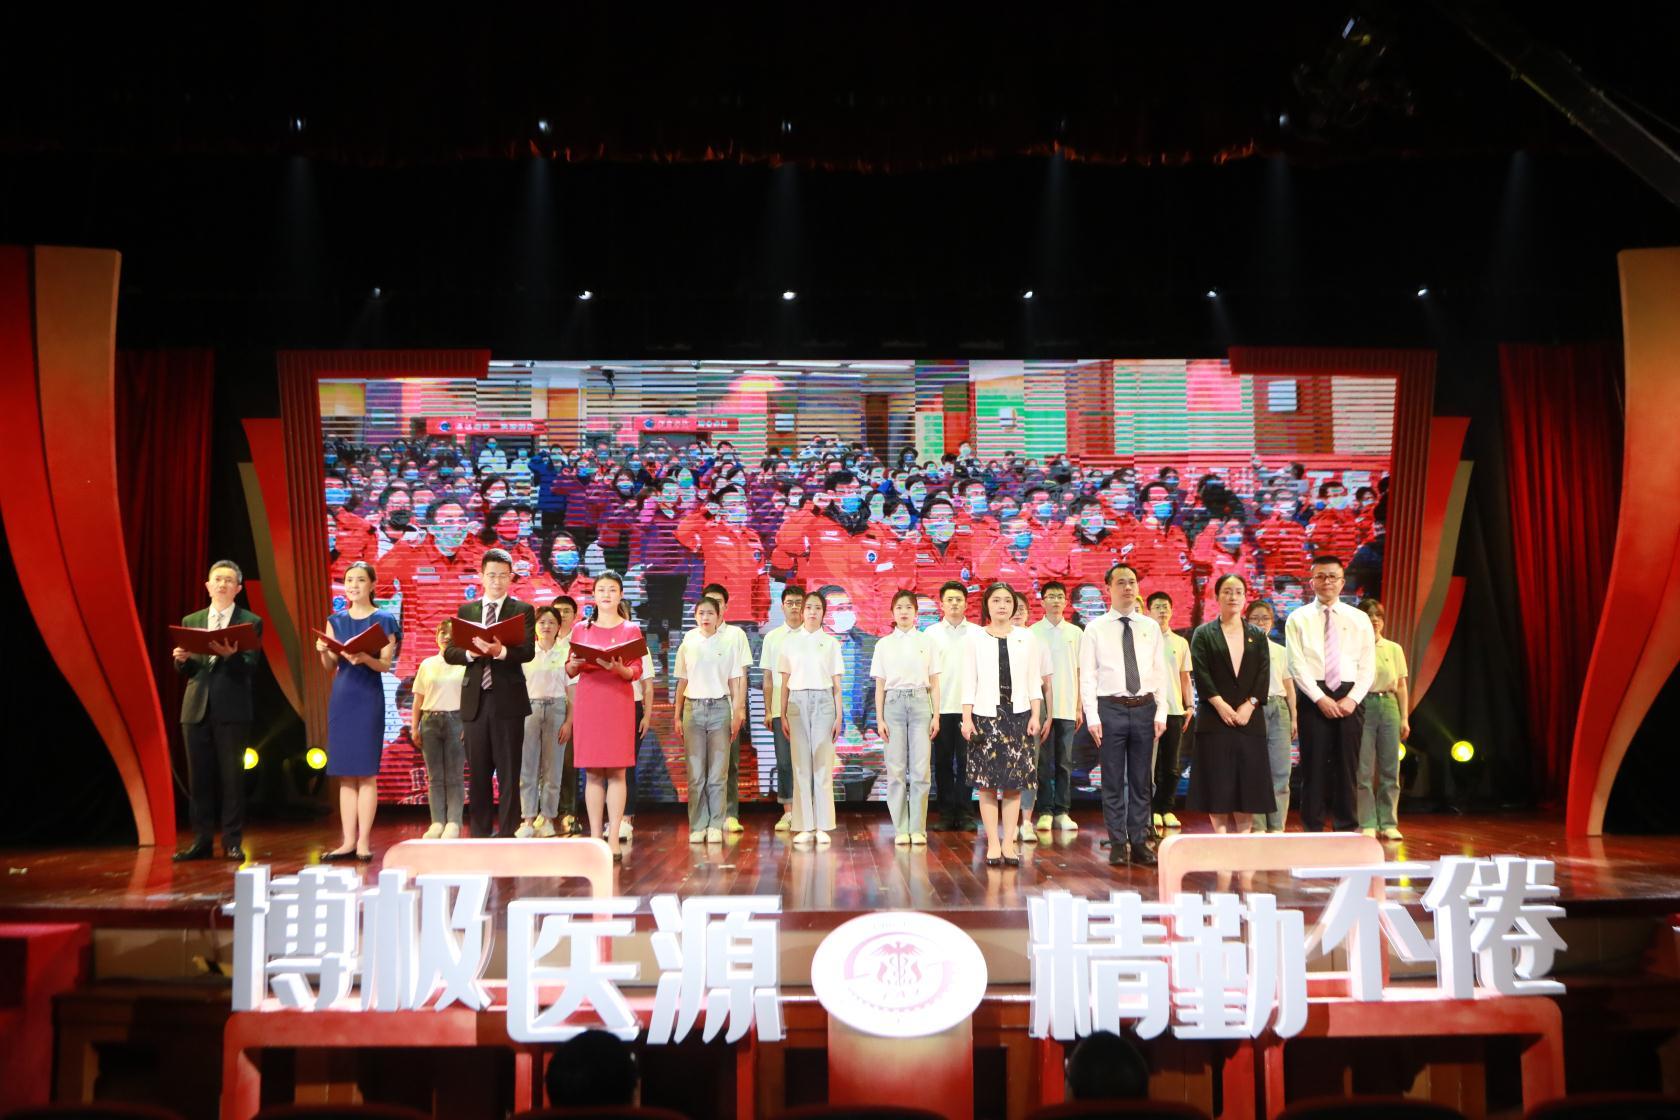 上海交大医学院在B站直播示范党课